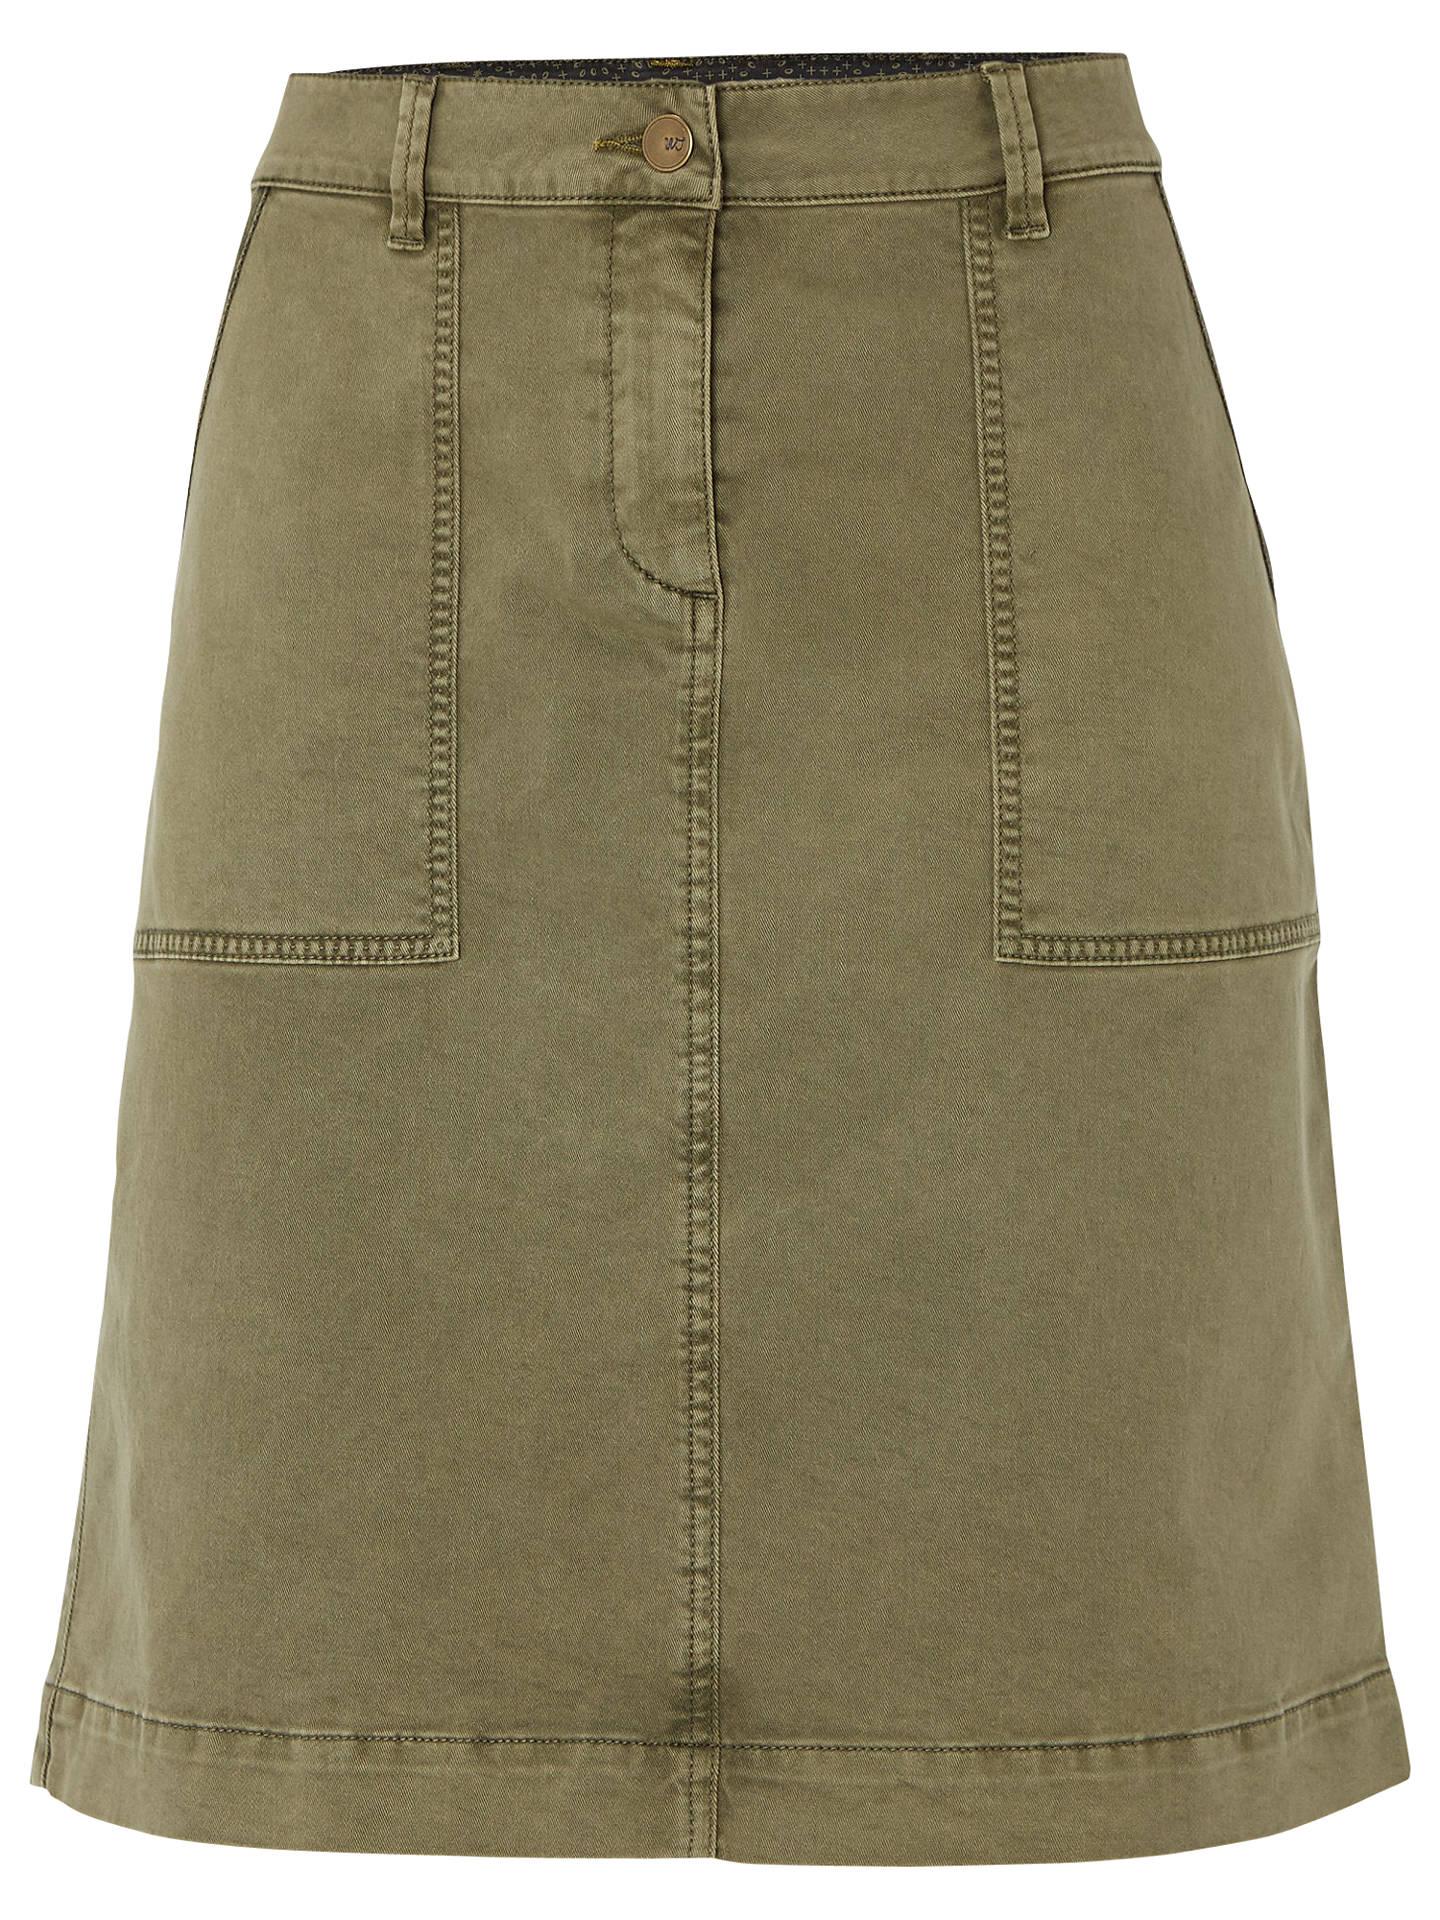 25c518f1c6 Buy White Stuff Bessie Chino Skirt, Khaki, 6 Online at johnlewis.com ...